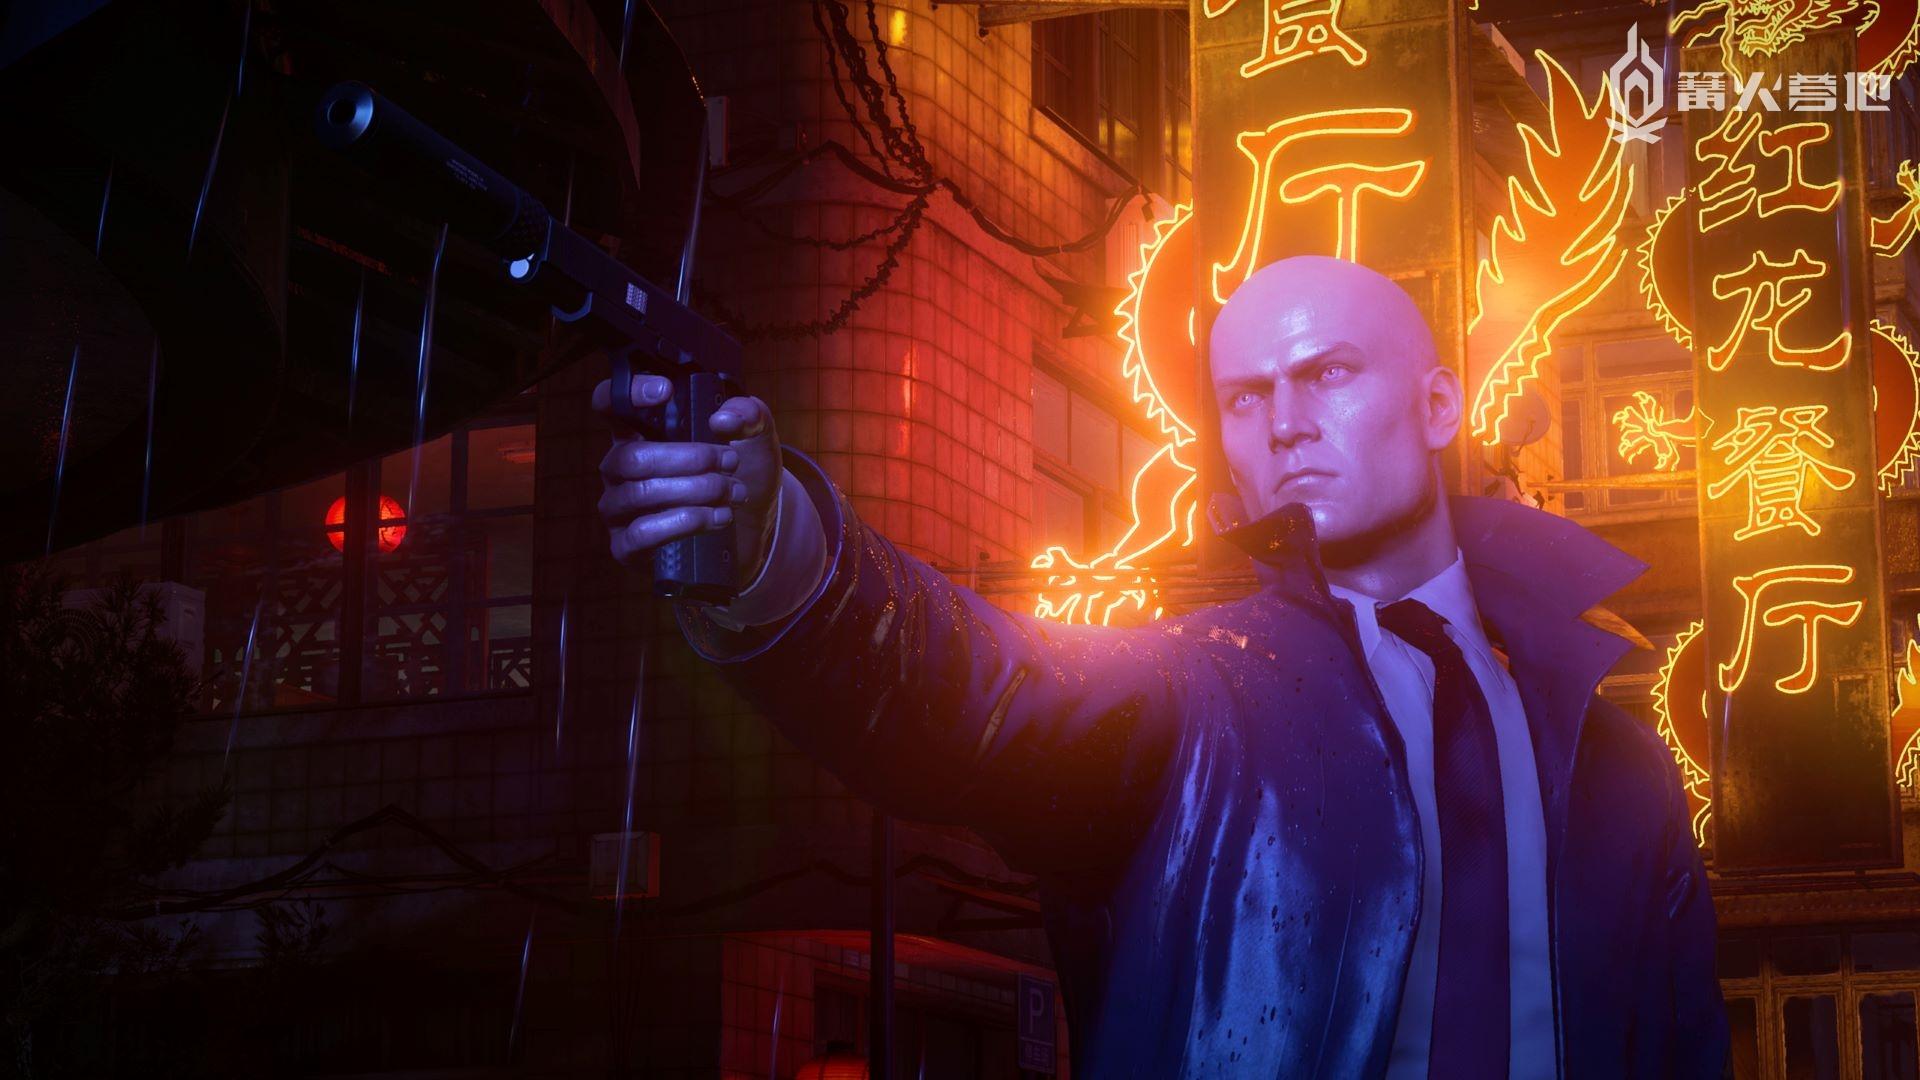 《杀手 3》帮助开发商 IO Interactive 创下收入新高